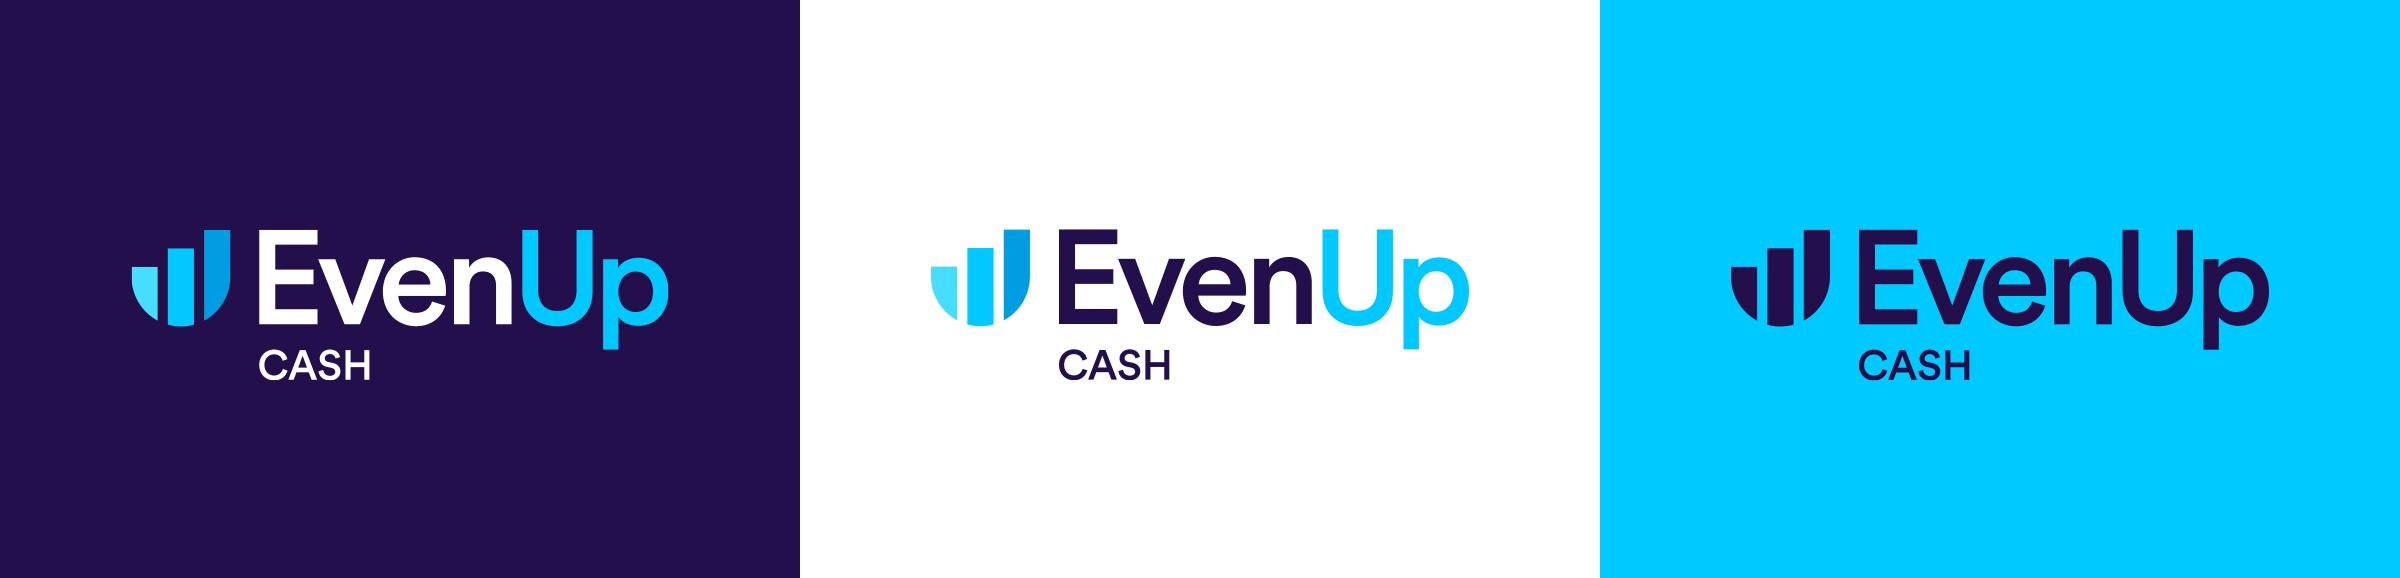 EvenUp Cash logo colour suite